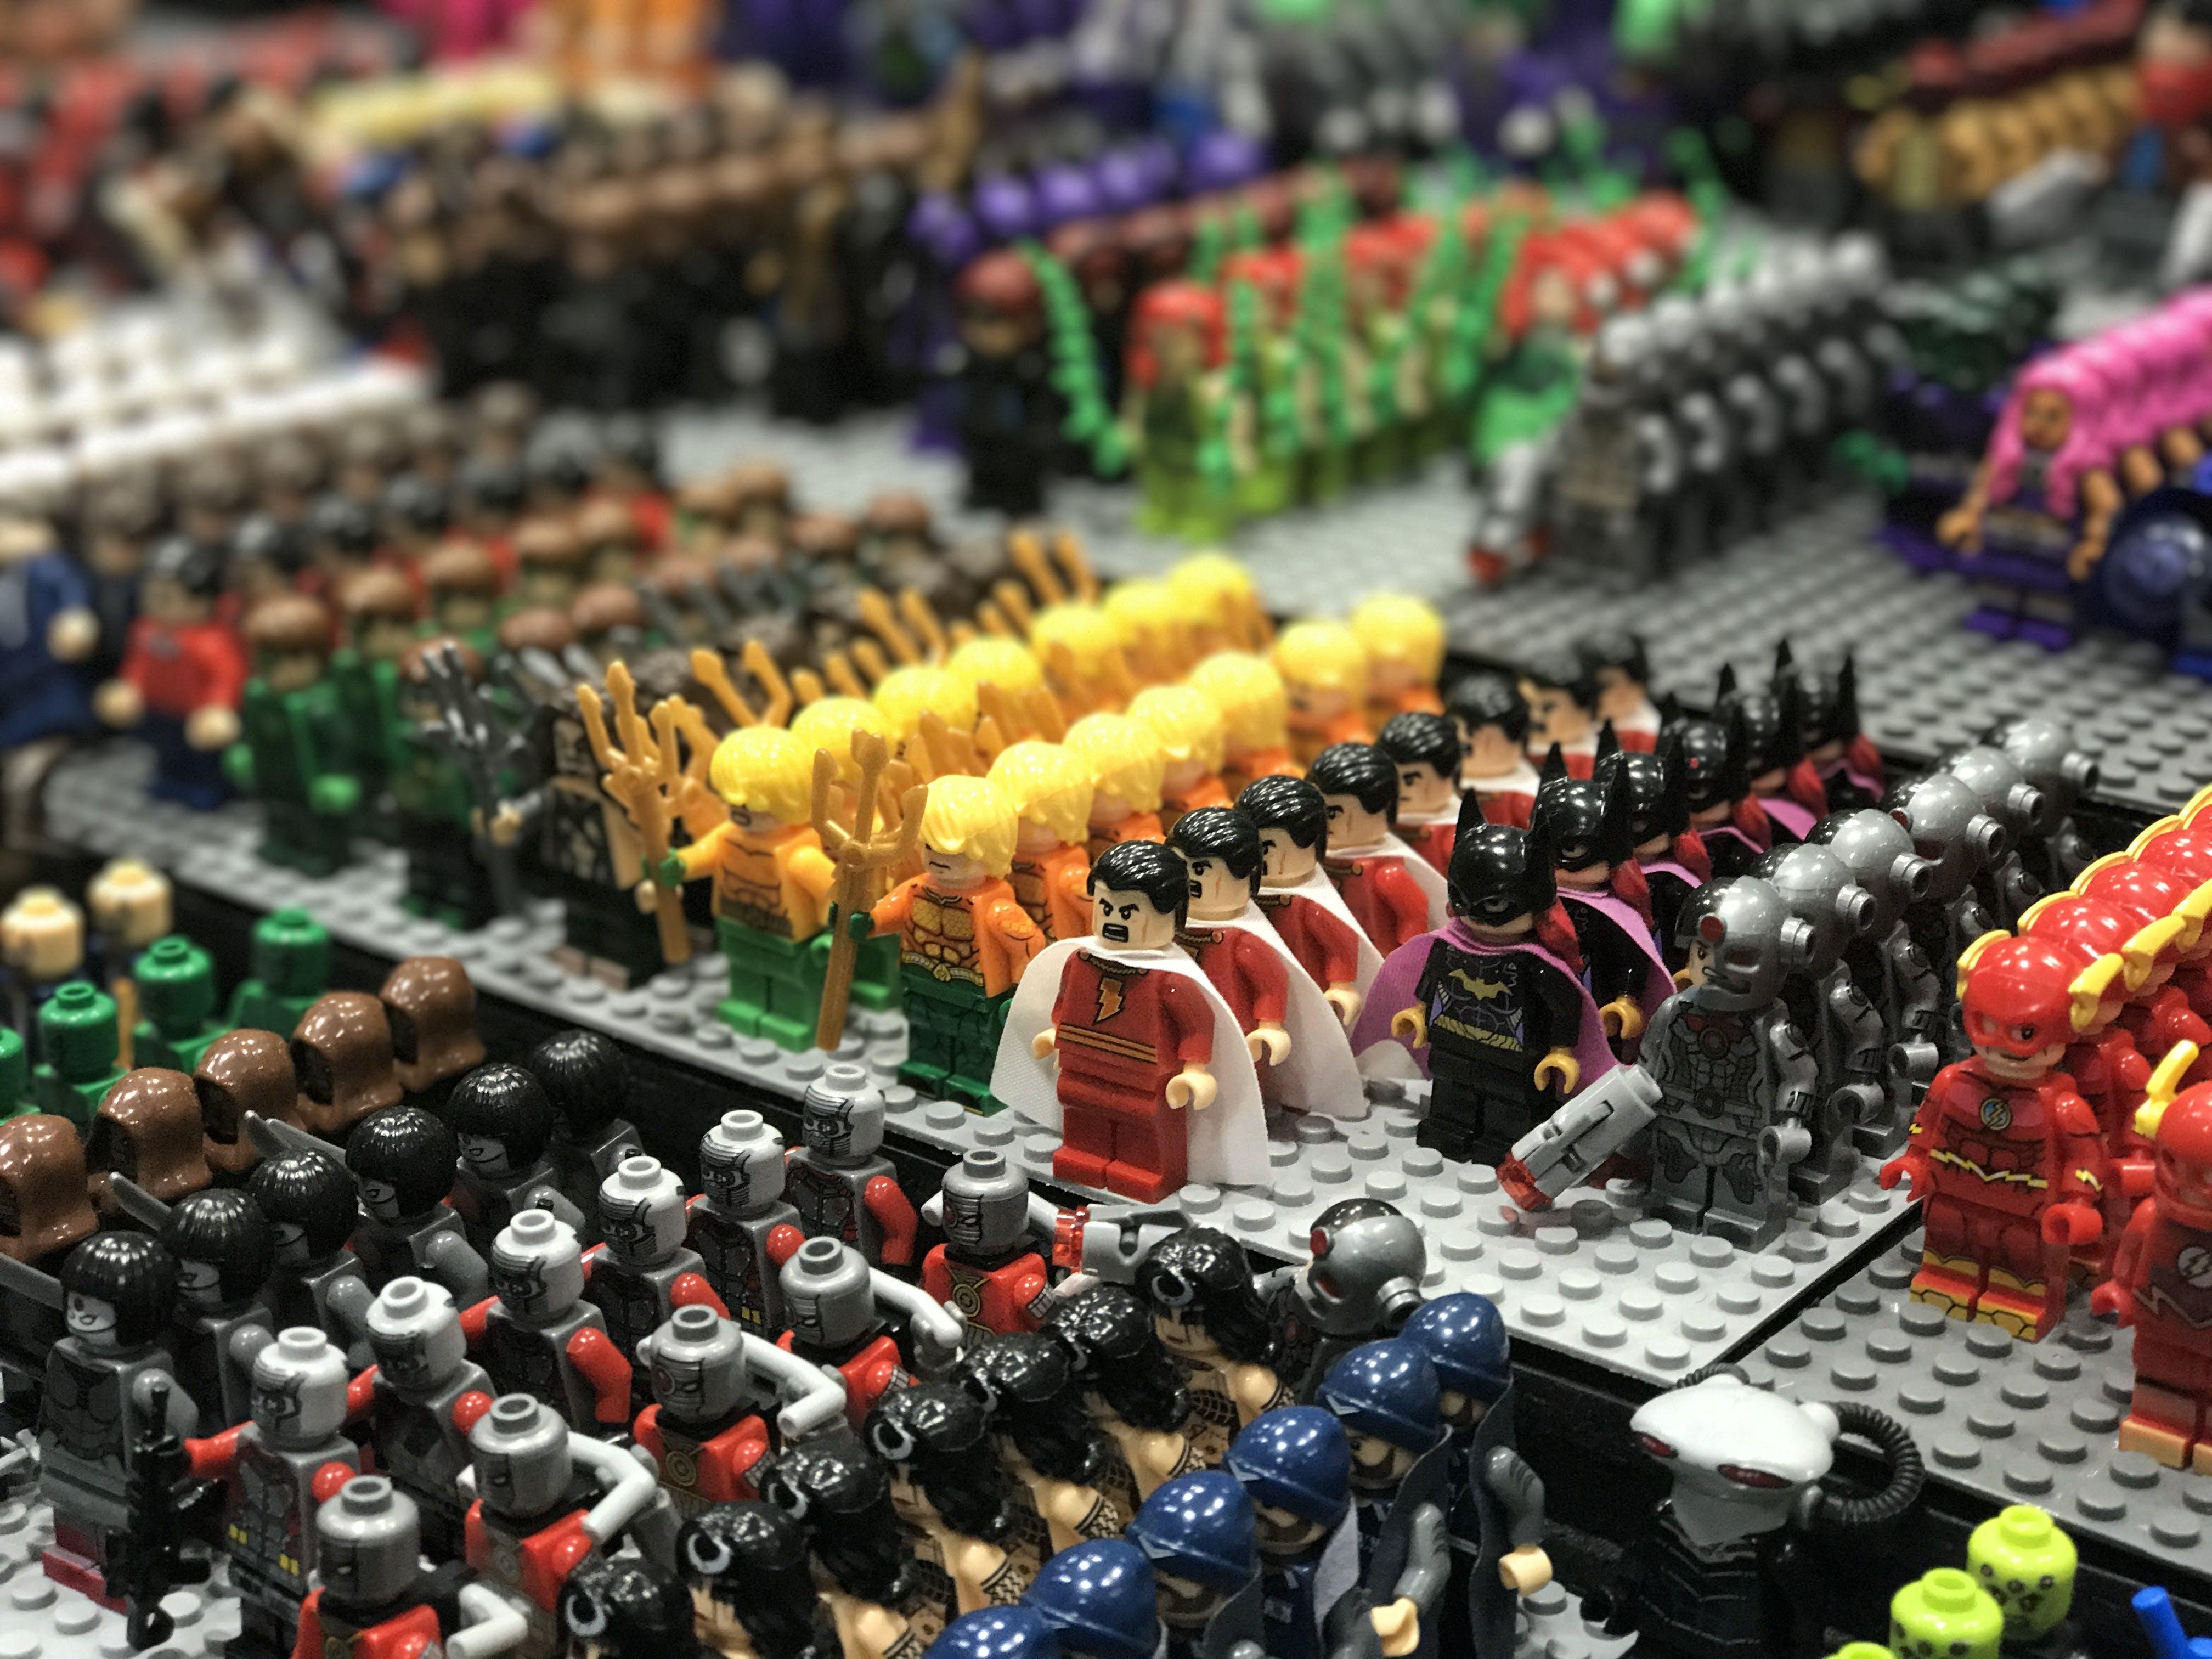 Free stock photo of toys, lego